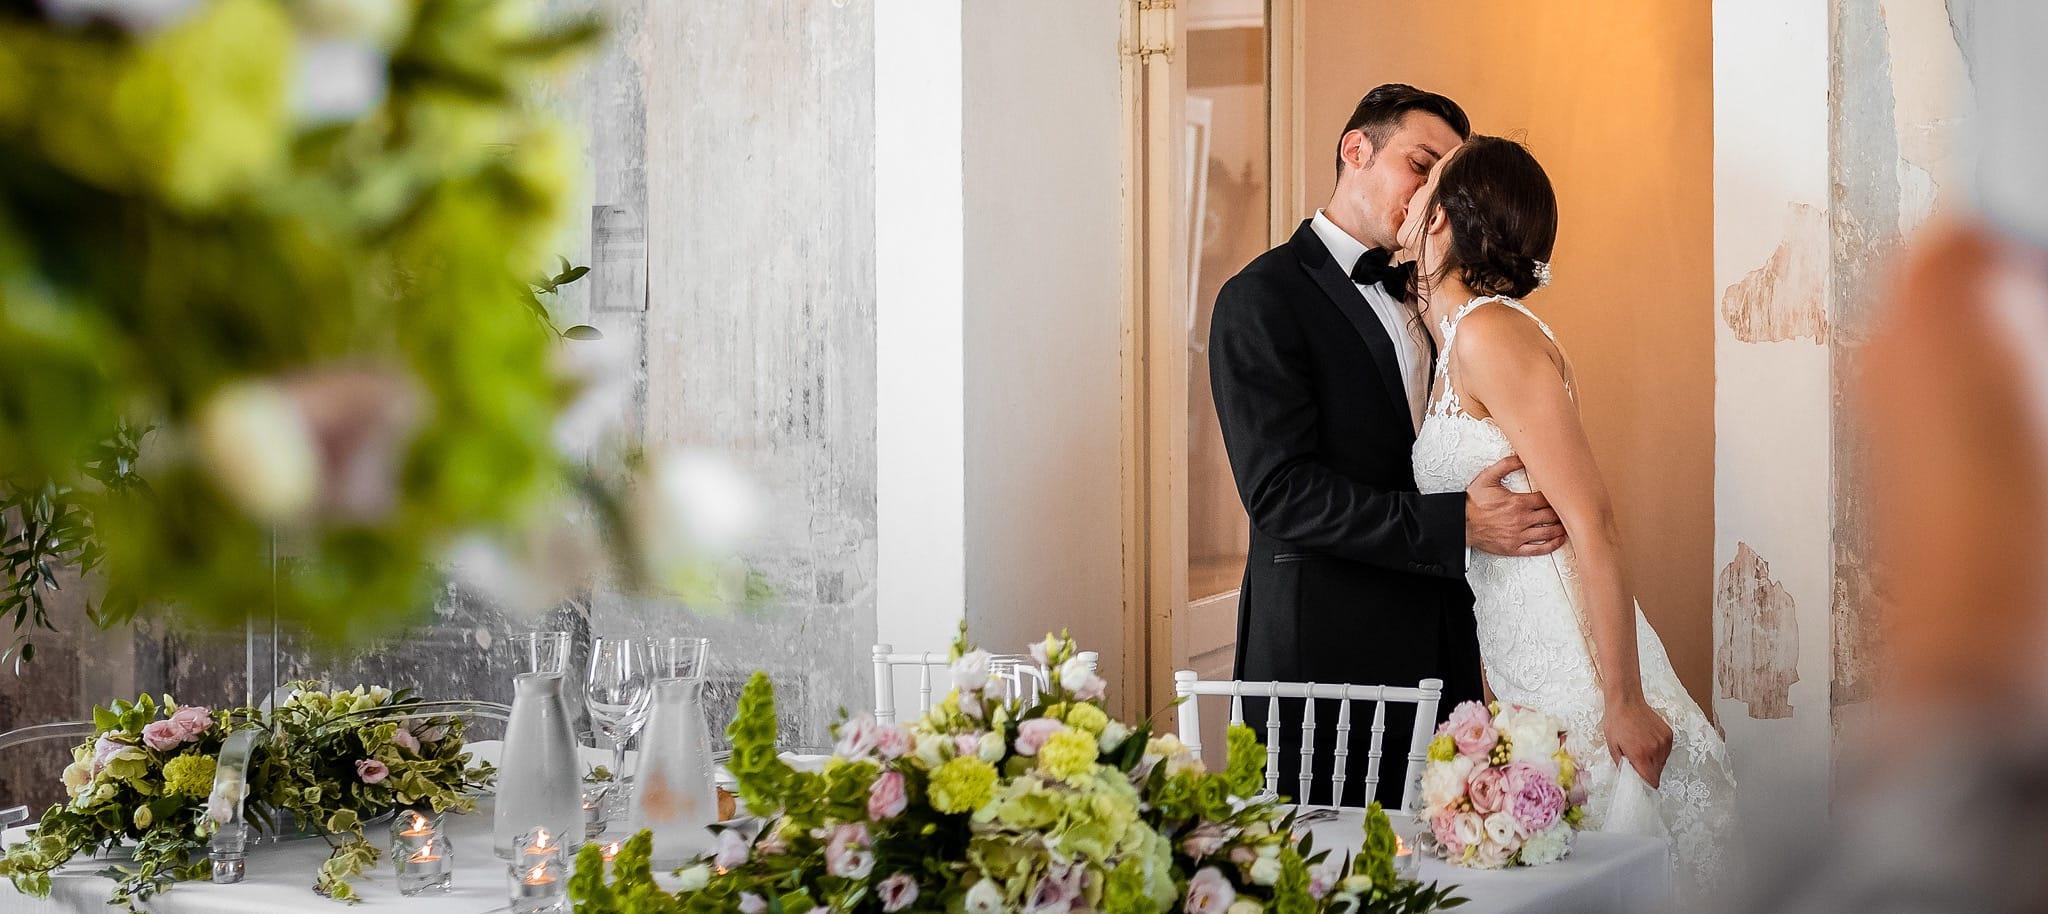 Valentina Marco Matrimonio Duomo Gorizia Castelvecchio Sagrado ritratti sposi ulivi uliveto